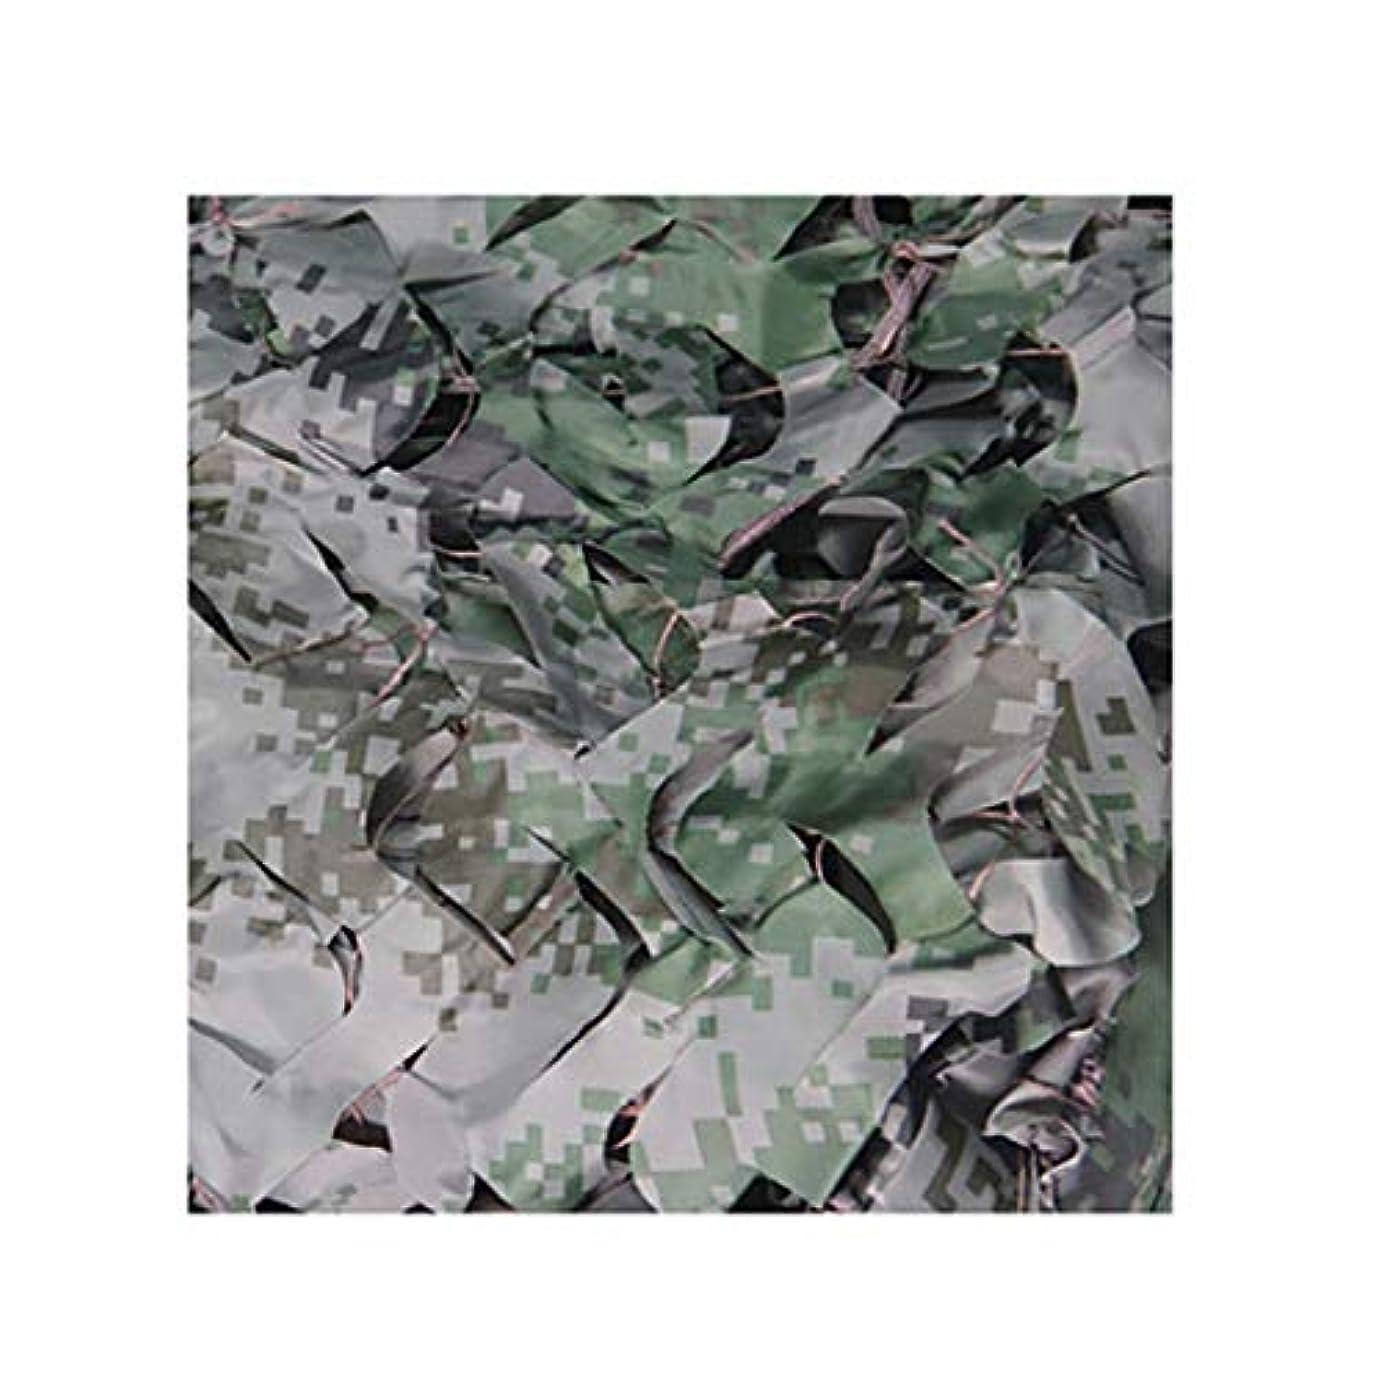 信頼ナビゲーション食器棚YANFEI camouflage net カモフラージュネット、ジャングルカモフラージュネットバイザーカモフラージュカモフラージュネット6.8 * 6.8m